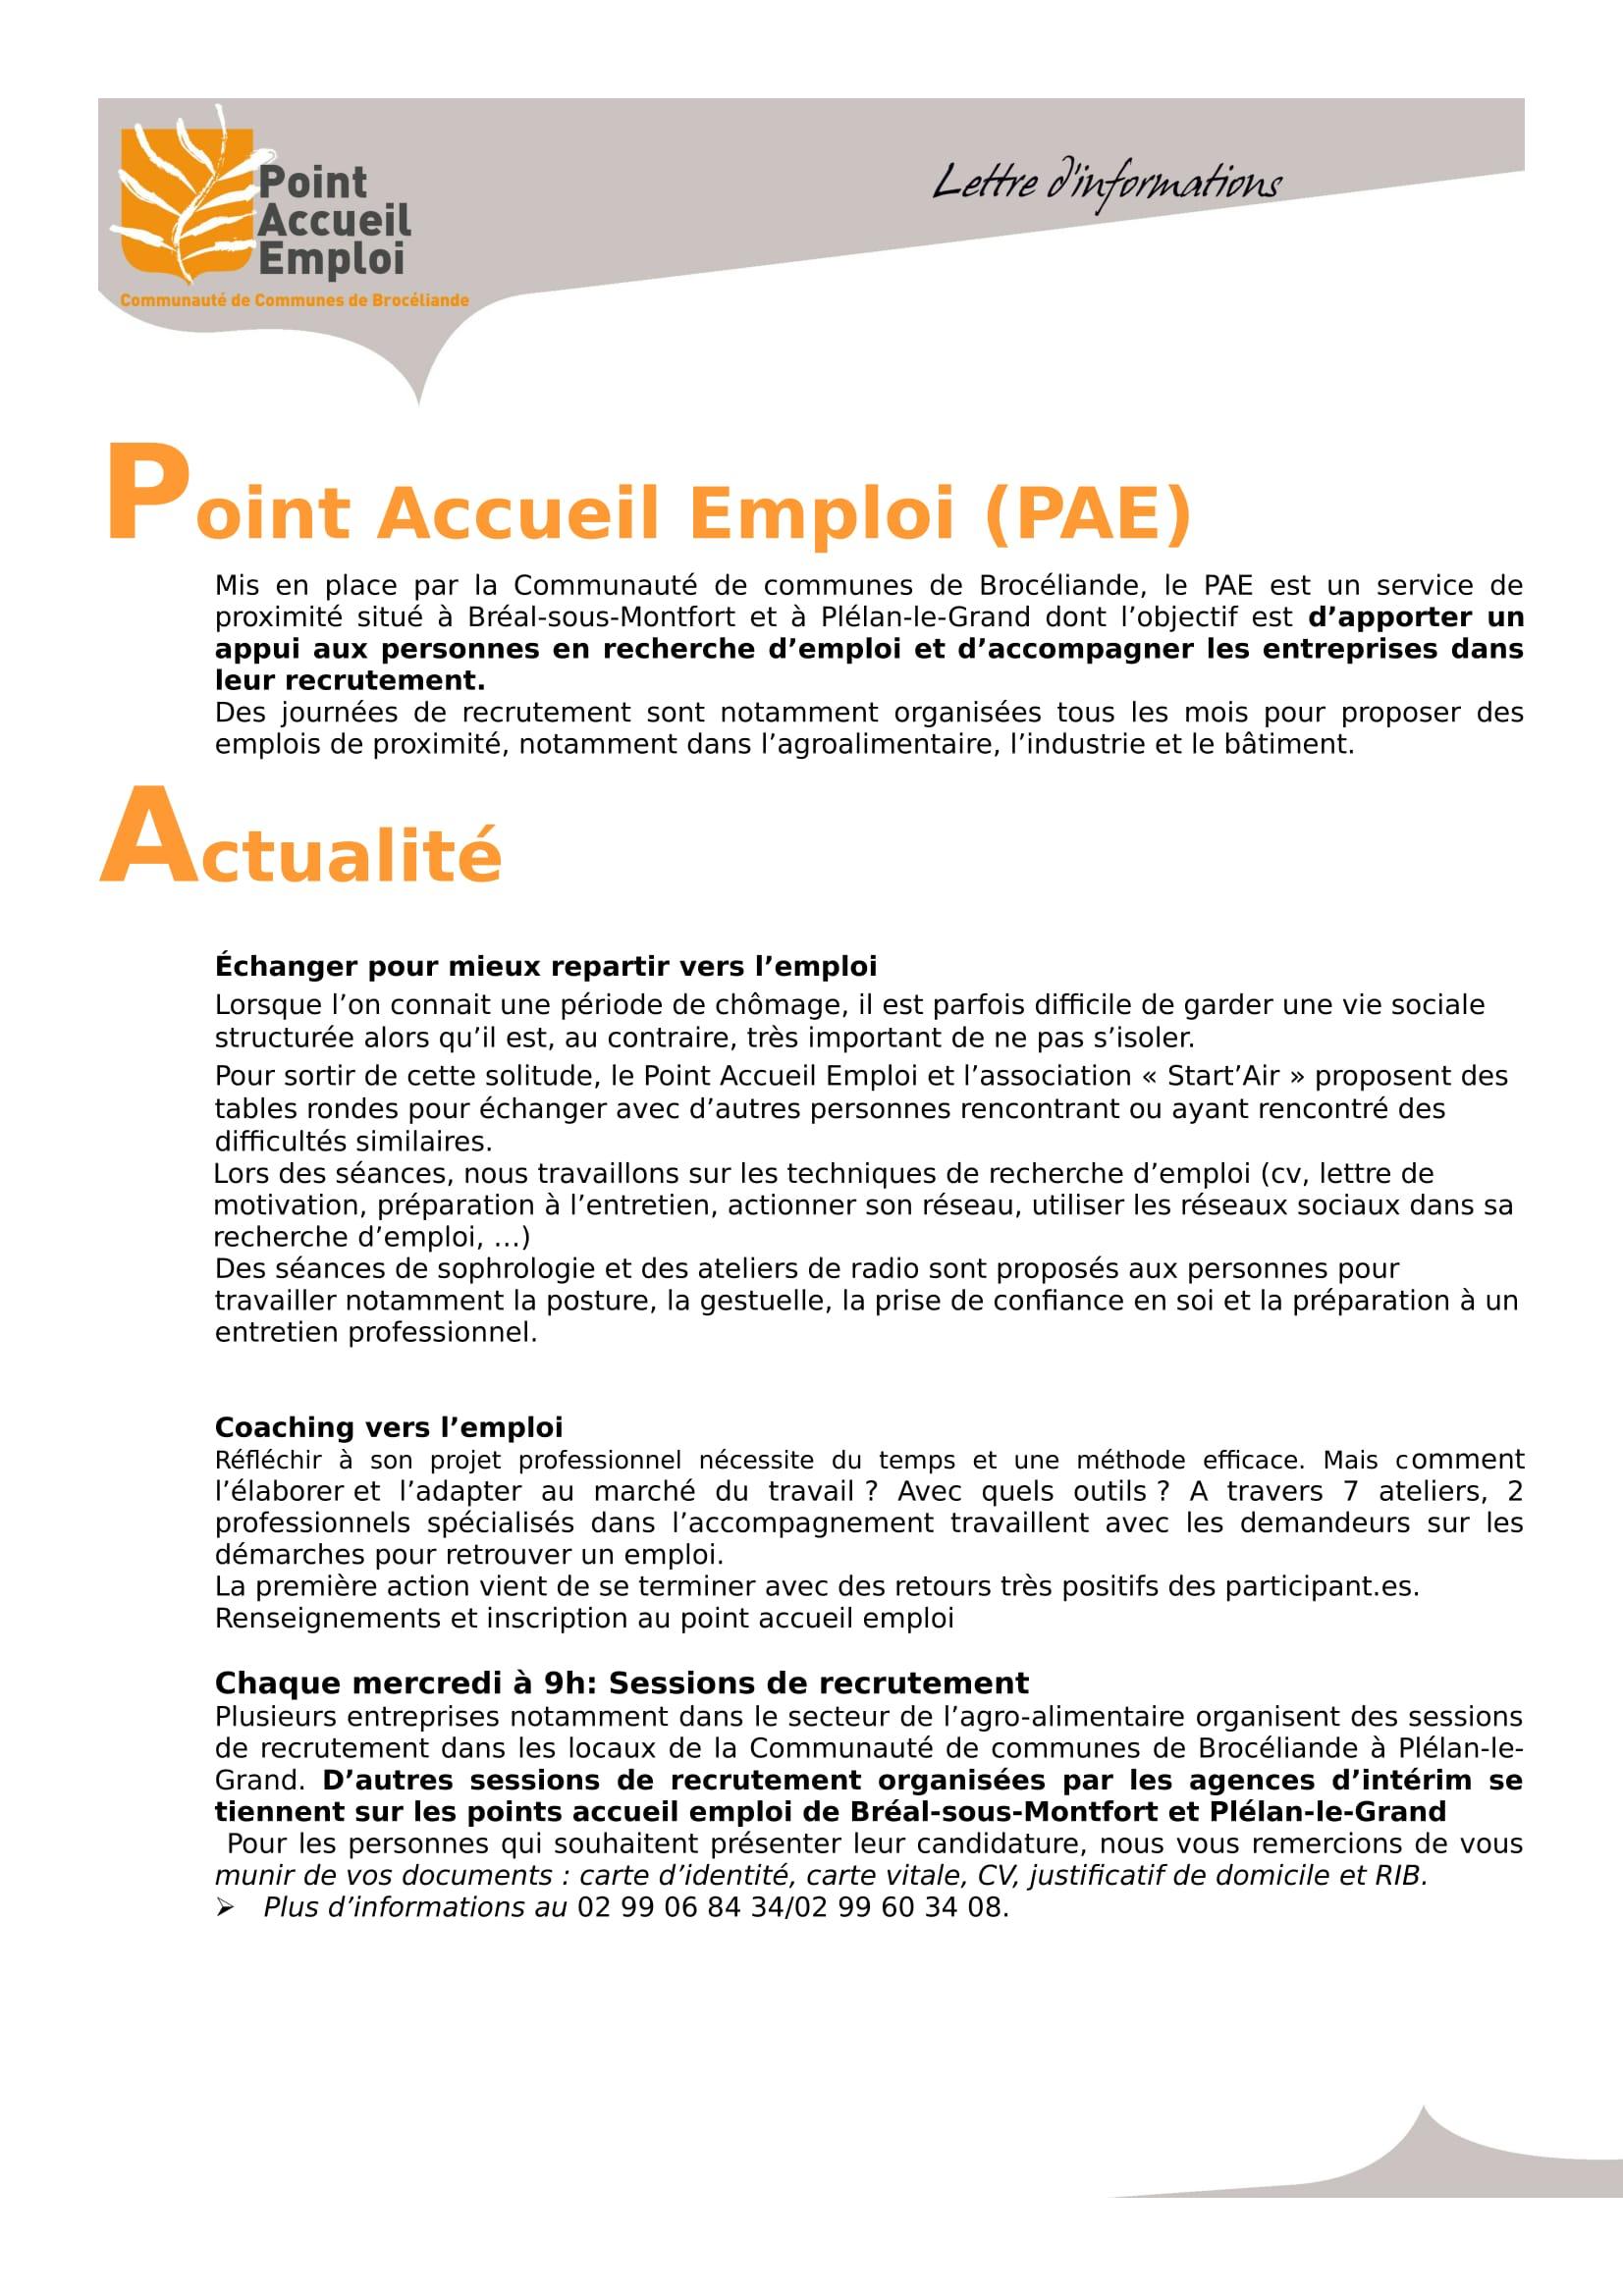 lettre-agenda-pae1